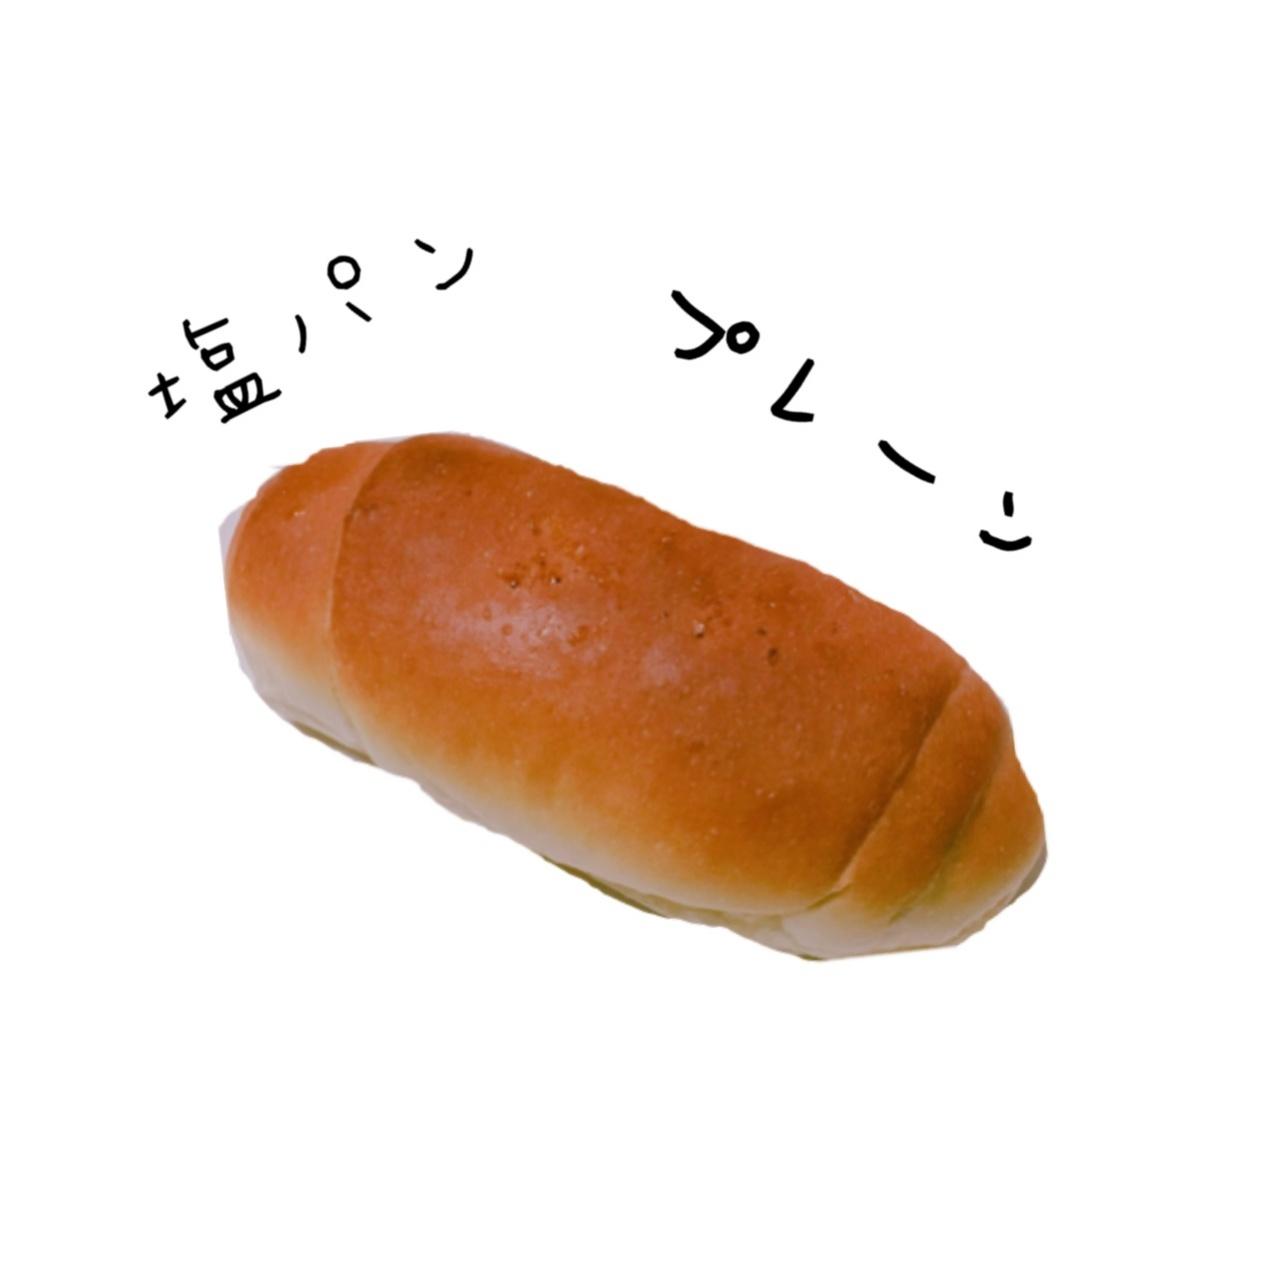 天草で大人気のスポット&絶品塩パン、教えちゃいます!【#モアチャレ 熊本の魅力発信!】_3_1